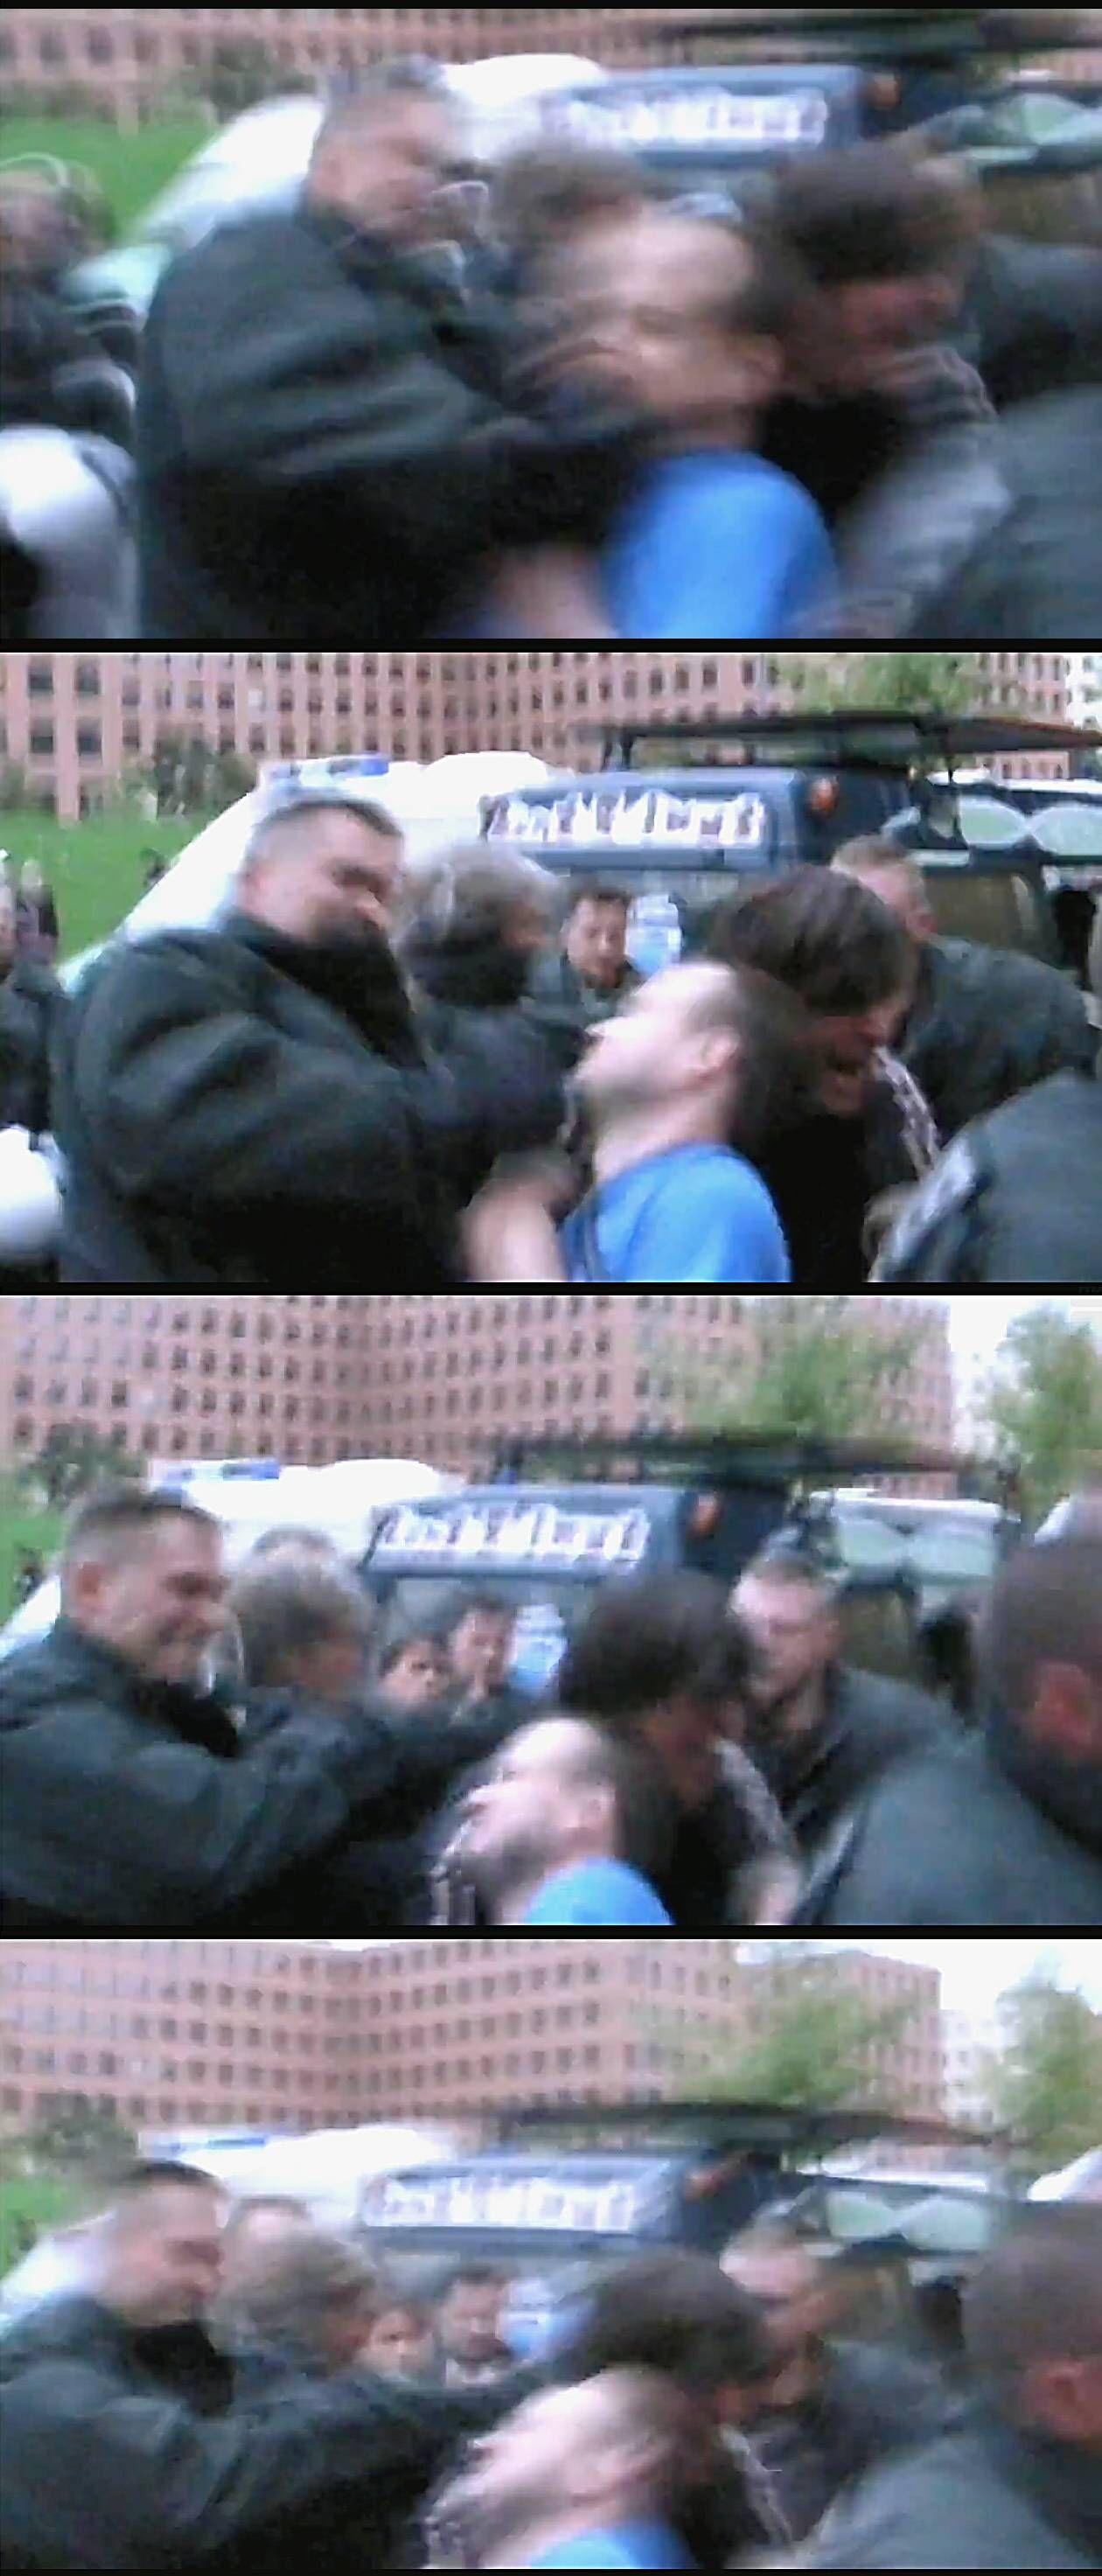 NICHT VERWENDEN Polizist schlaegt auf Demonstrant ein